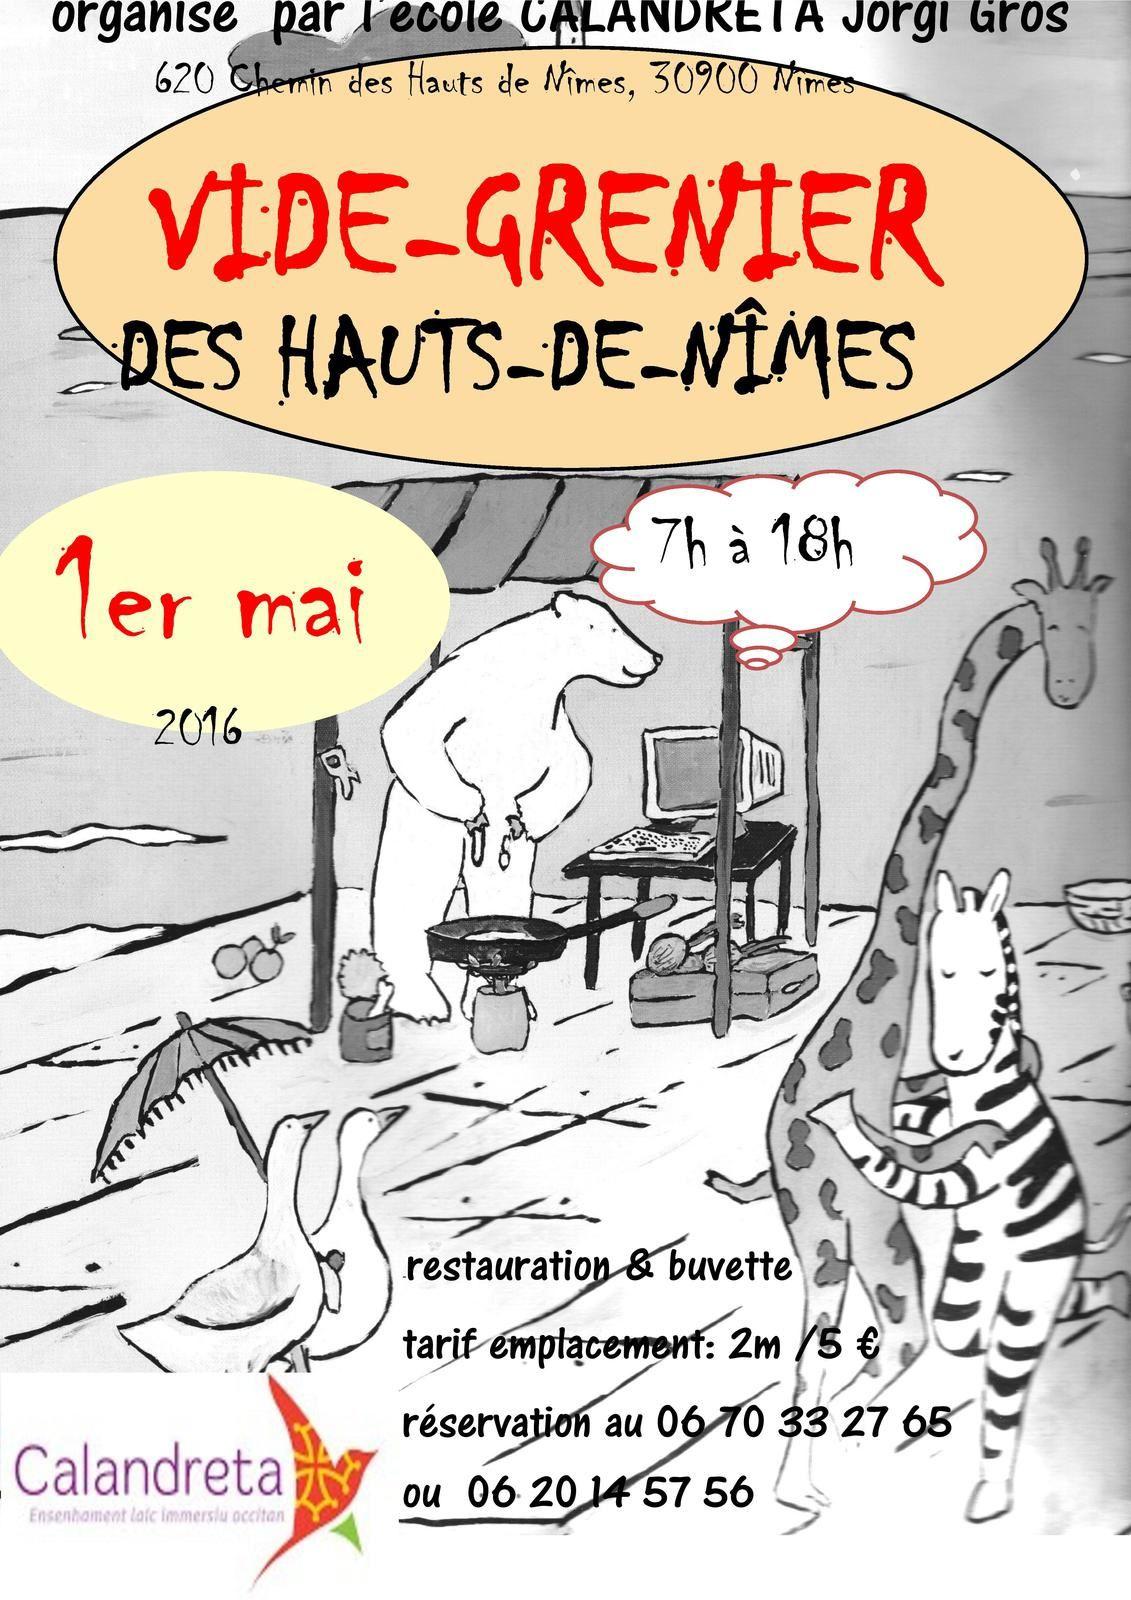 vide grenier a nimes le 1er mai 2016 aux hauts de nimes le blog du comite de quartier de villeverte 30900 nimes